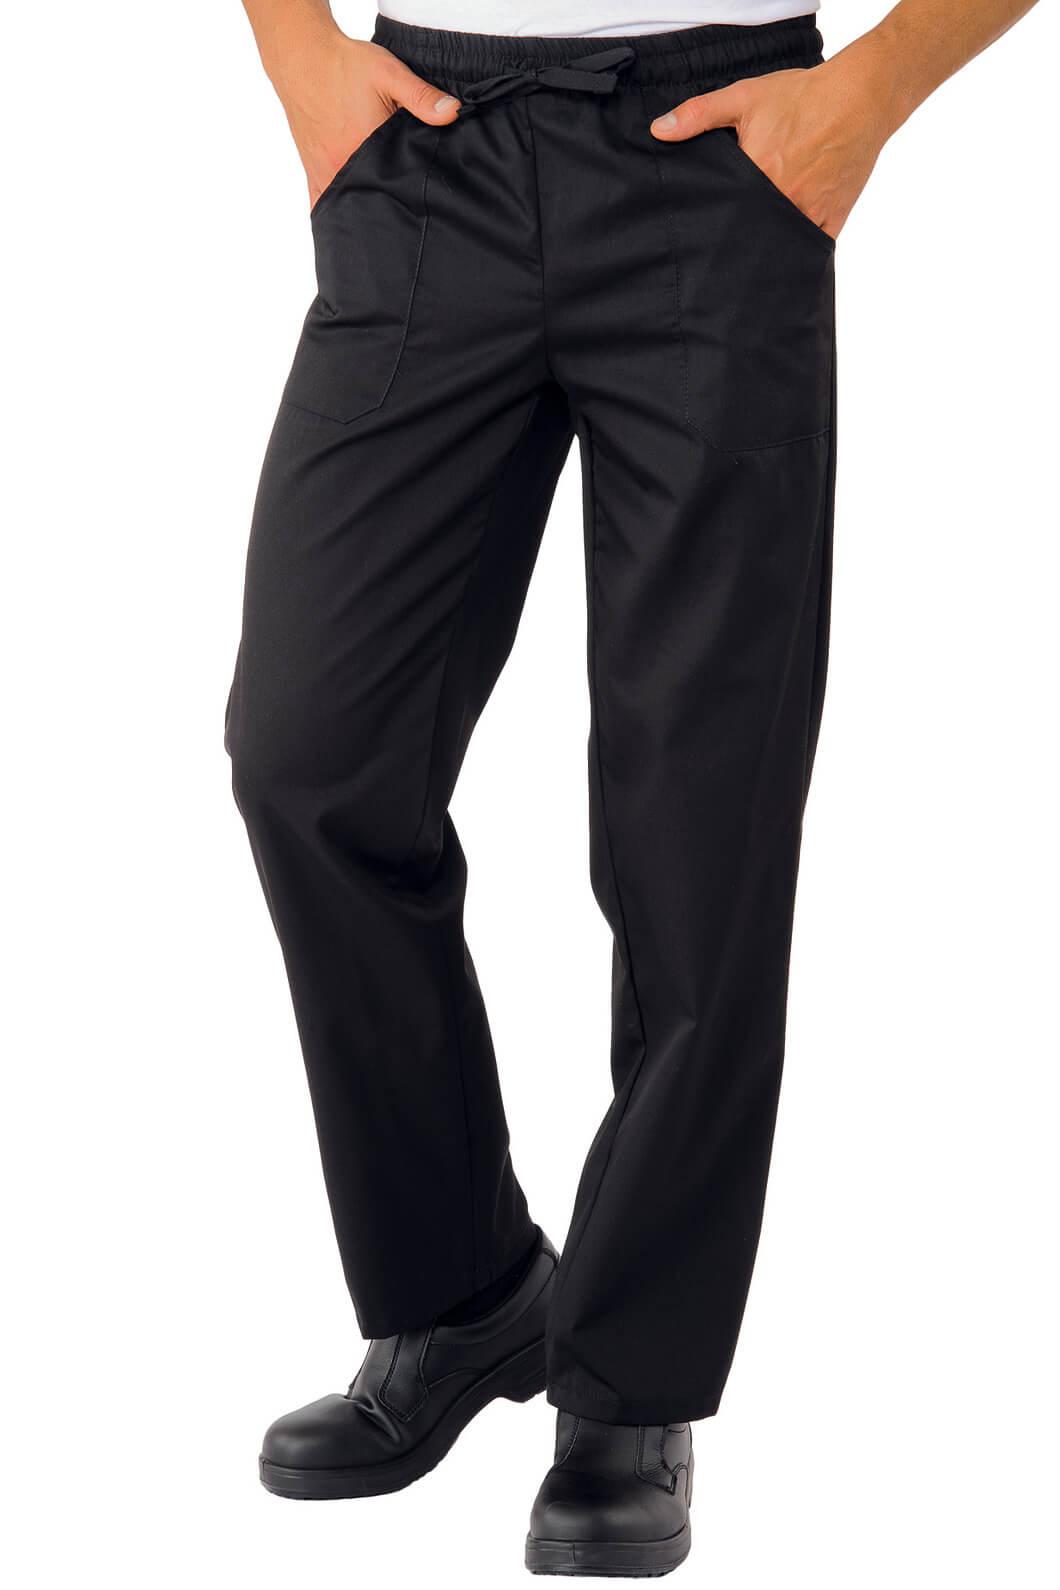 Pantalon chef cuisinier noir pantalons de cuisine for Cuisinier particulier